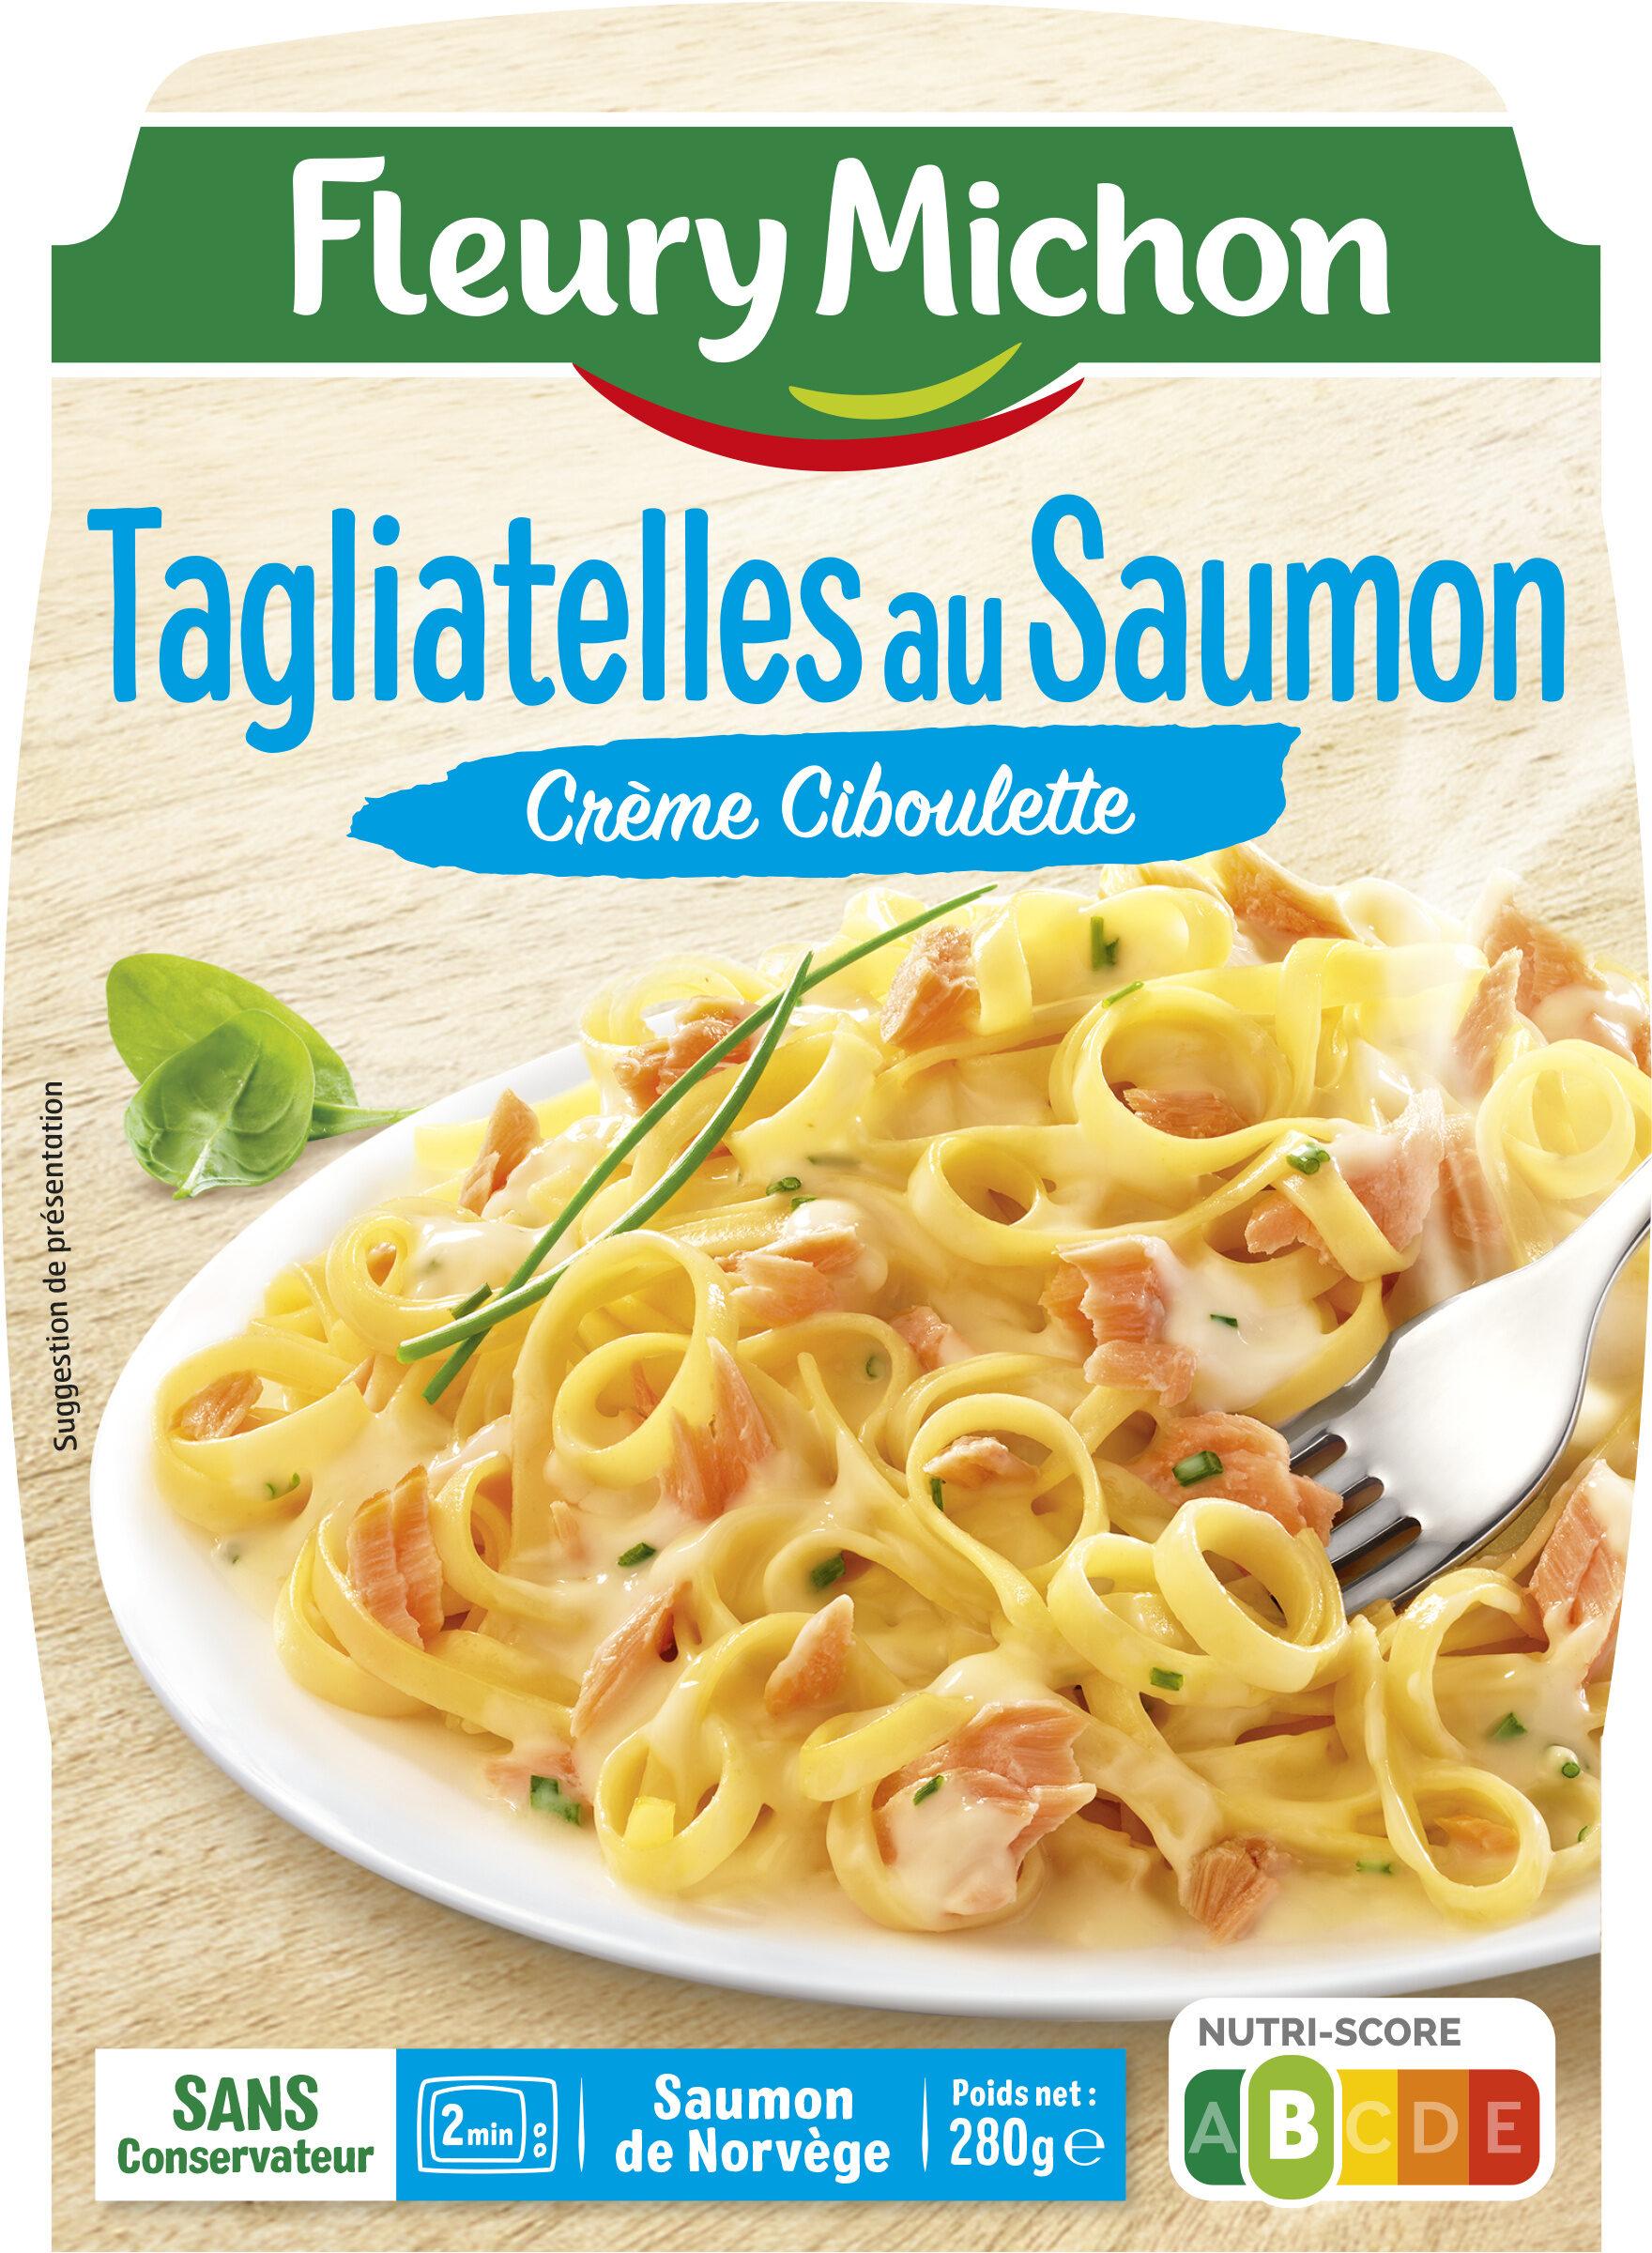 Tagliatelles au Saumon Crème Ciboulette - Product - fr